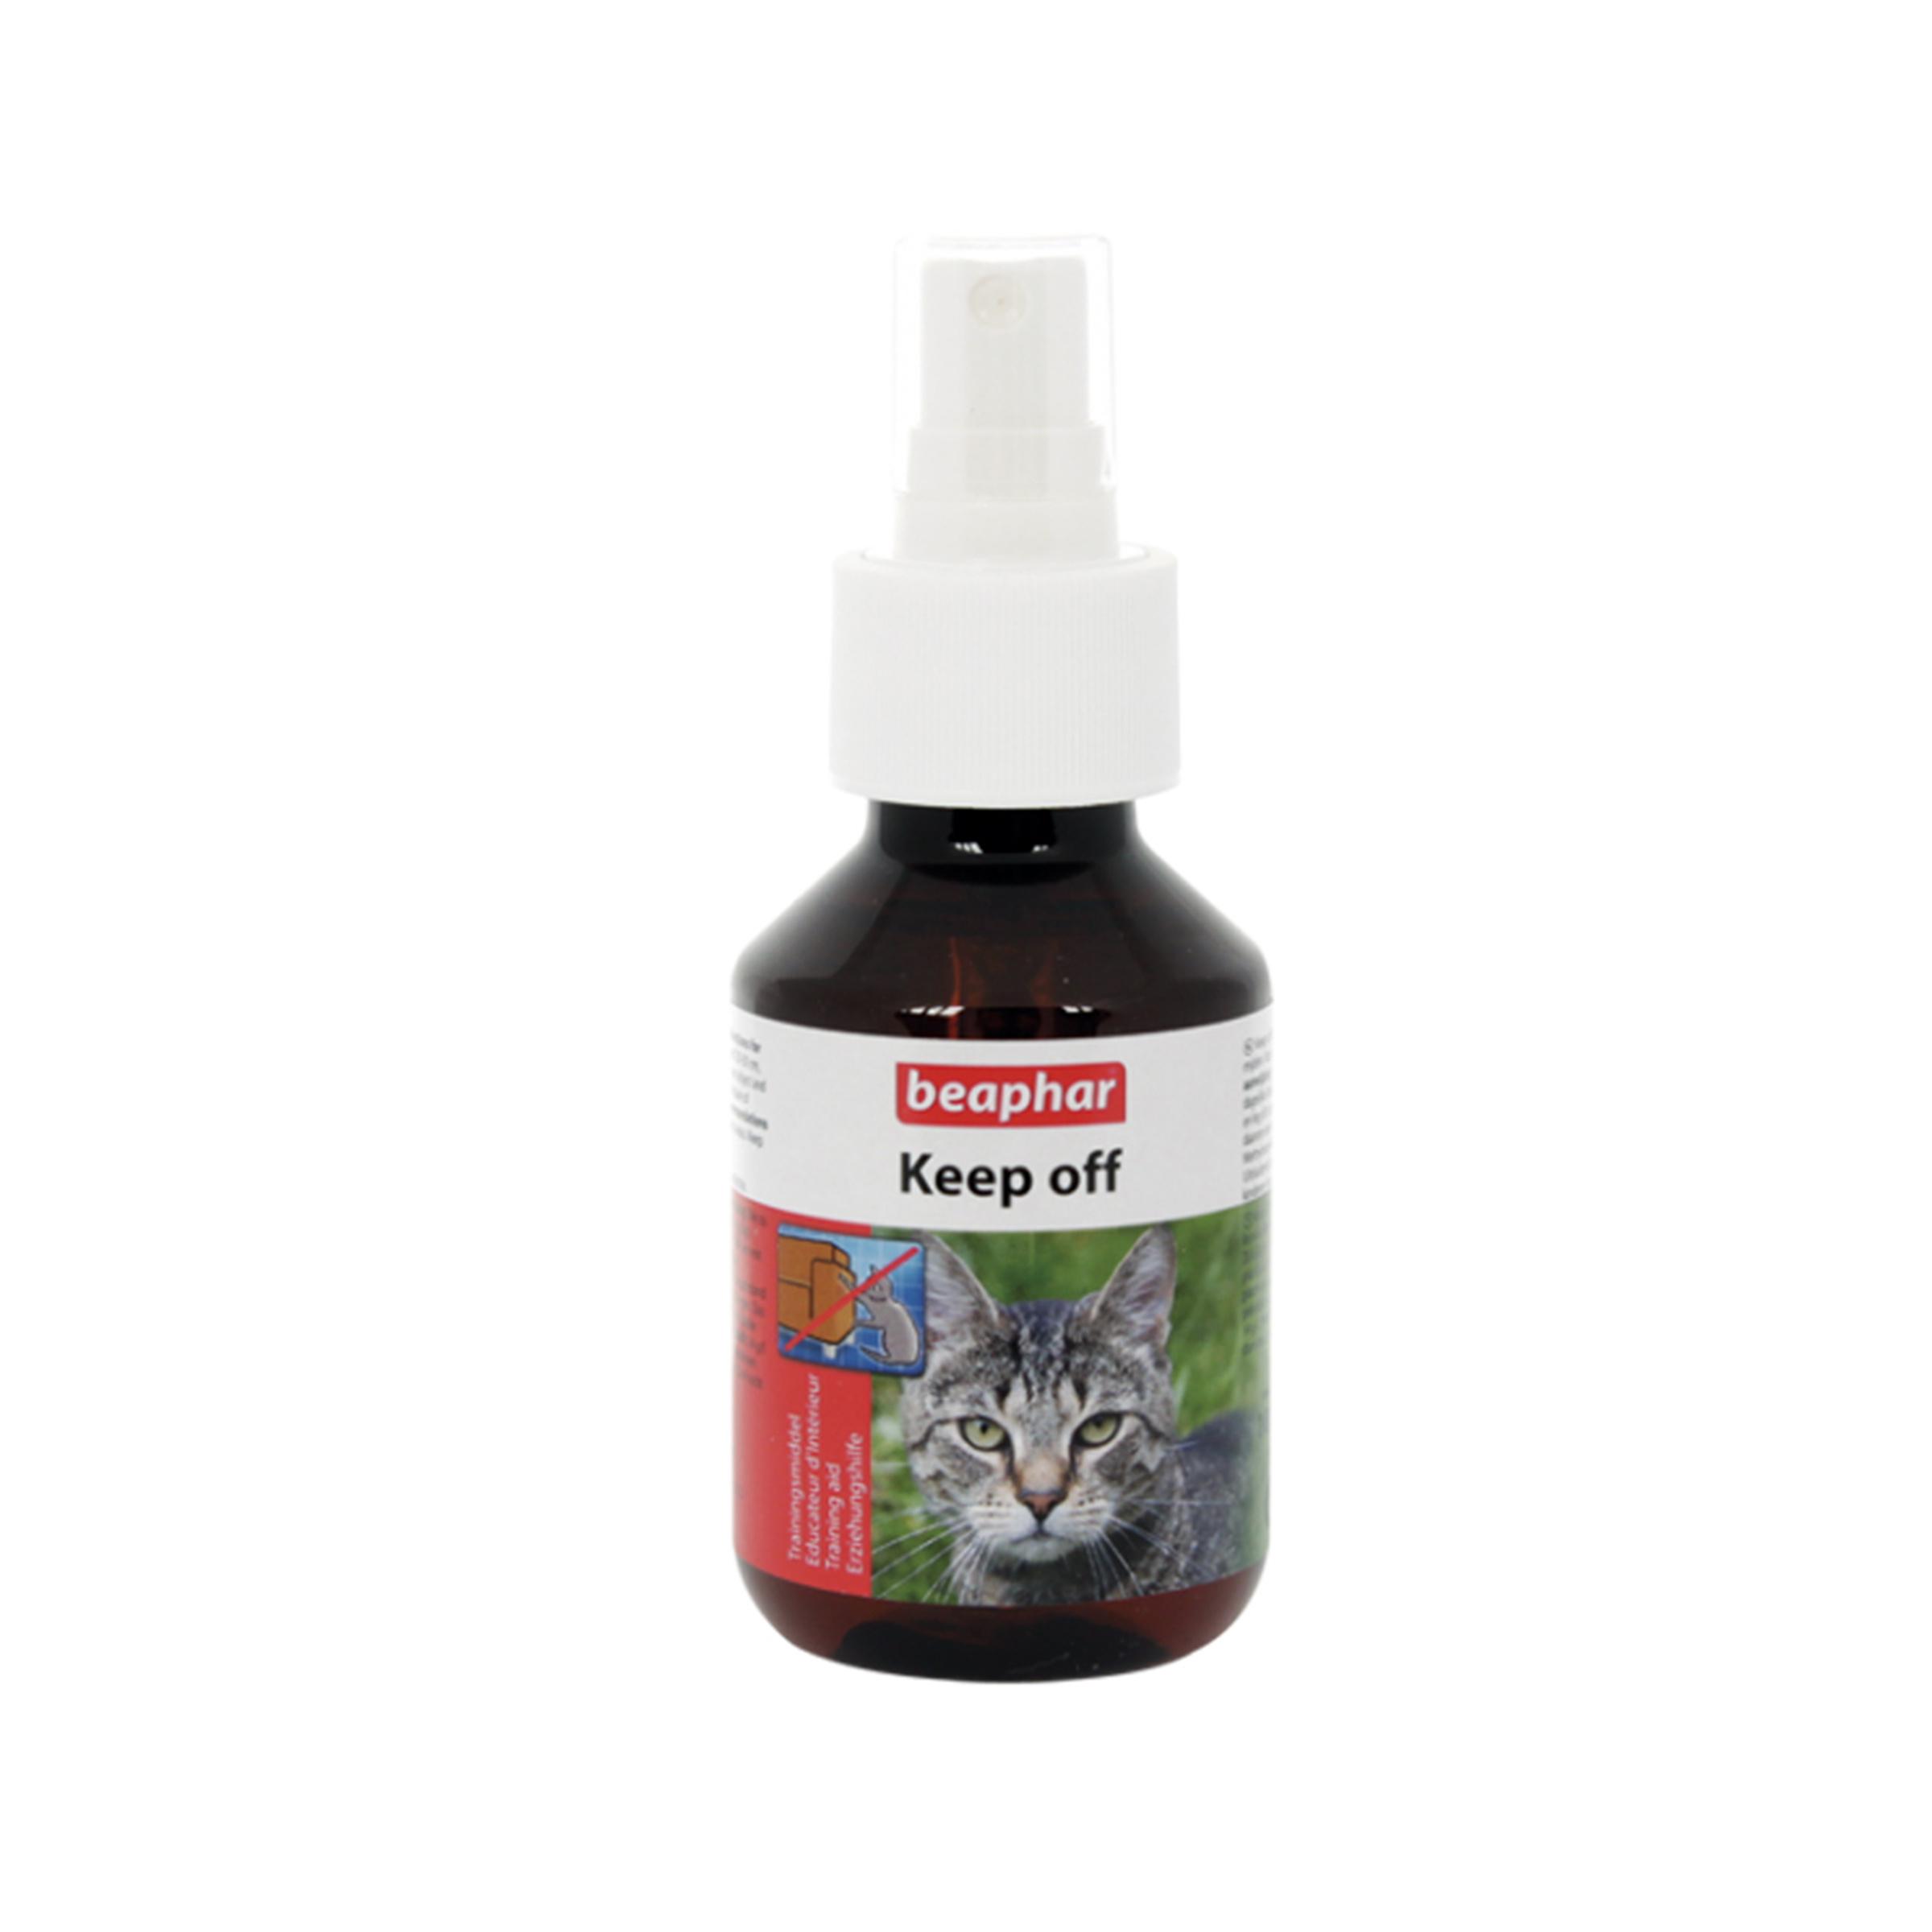 Image of beaphar Katzen-Fernhalte-Zerstäuber 100 ml